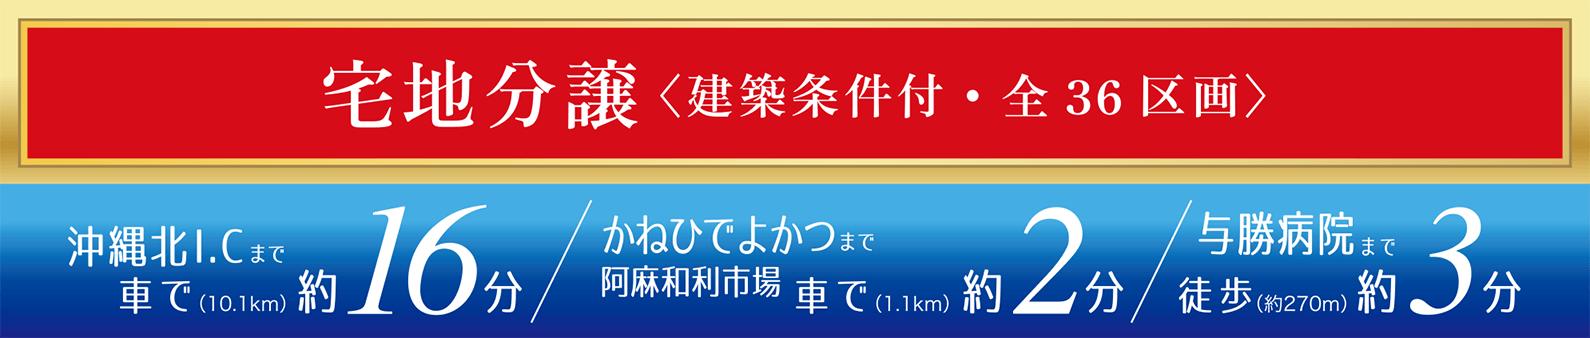 宅地分譲 沖縄北I.Cまで車で(10.1km)約16分/かねひでよかつ、阿麻和利市場まで車で(1.1km)約2分/与勝病院まで徒歩(約270m)約3分